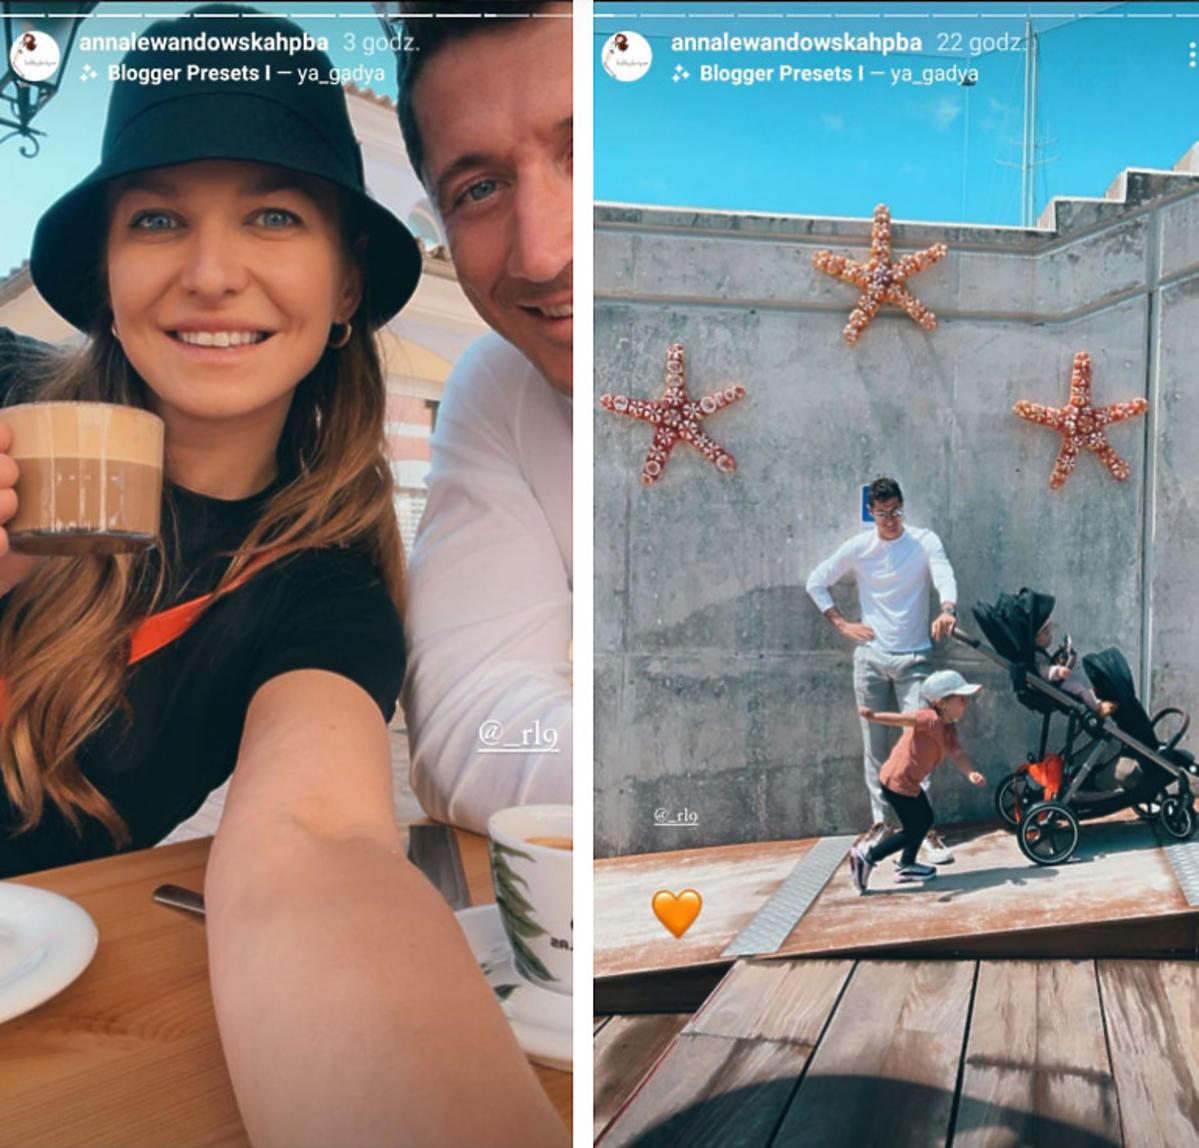 Anna Lewandowska chwali się rodzinną majówką w Hiszpanii, ale wszyscy patrzą tylko na Laurę: